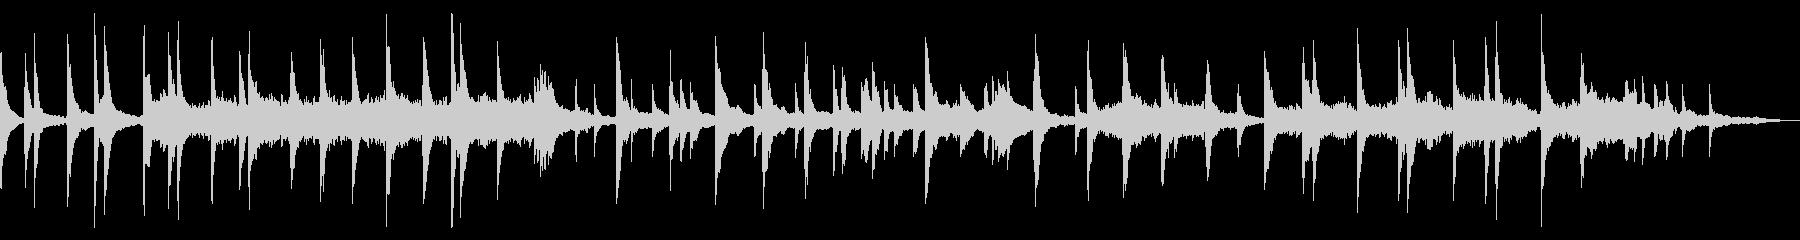 映像・ナレーション用ピアノ演奏(別れ)の未再生の波形